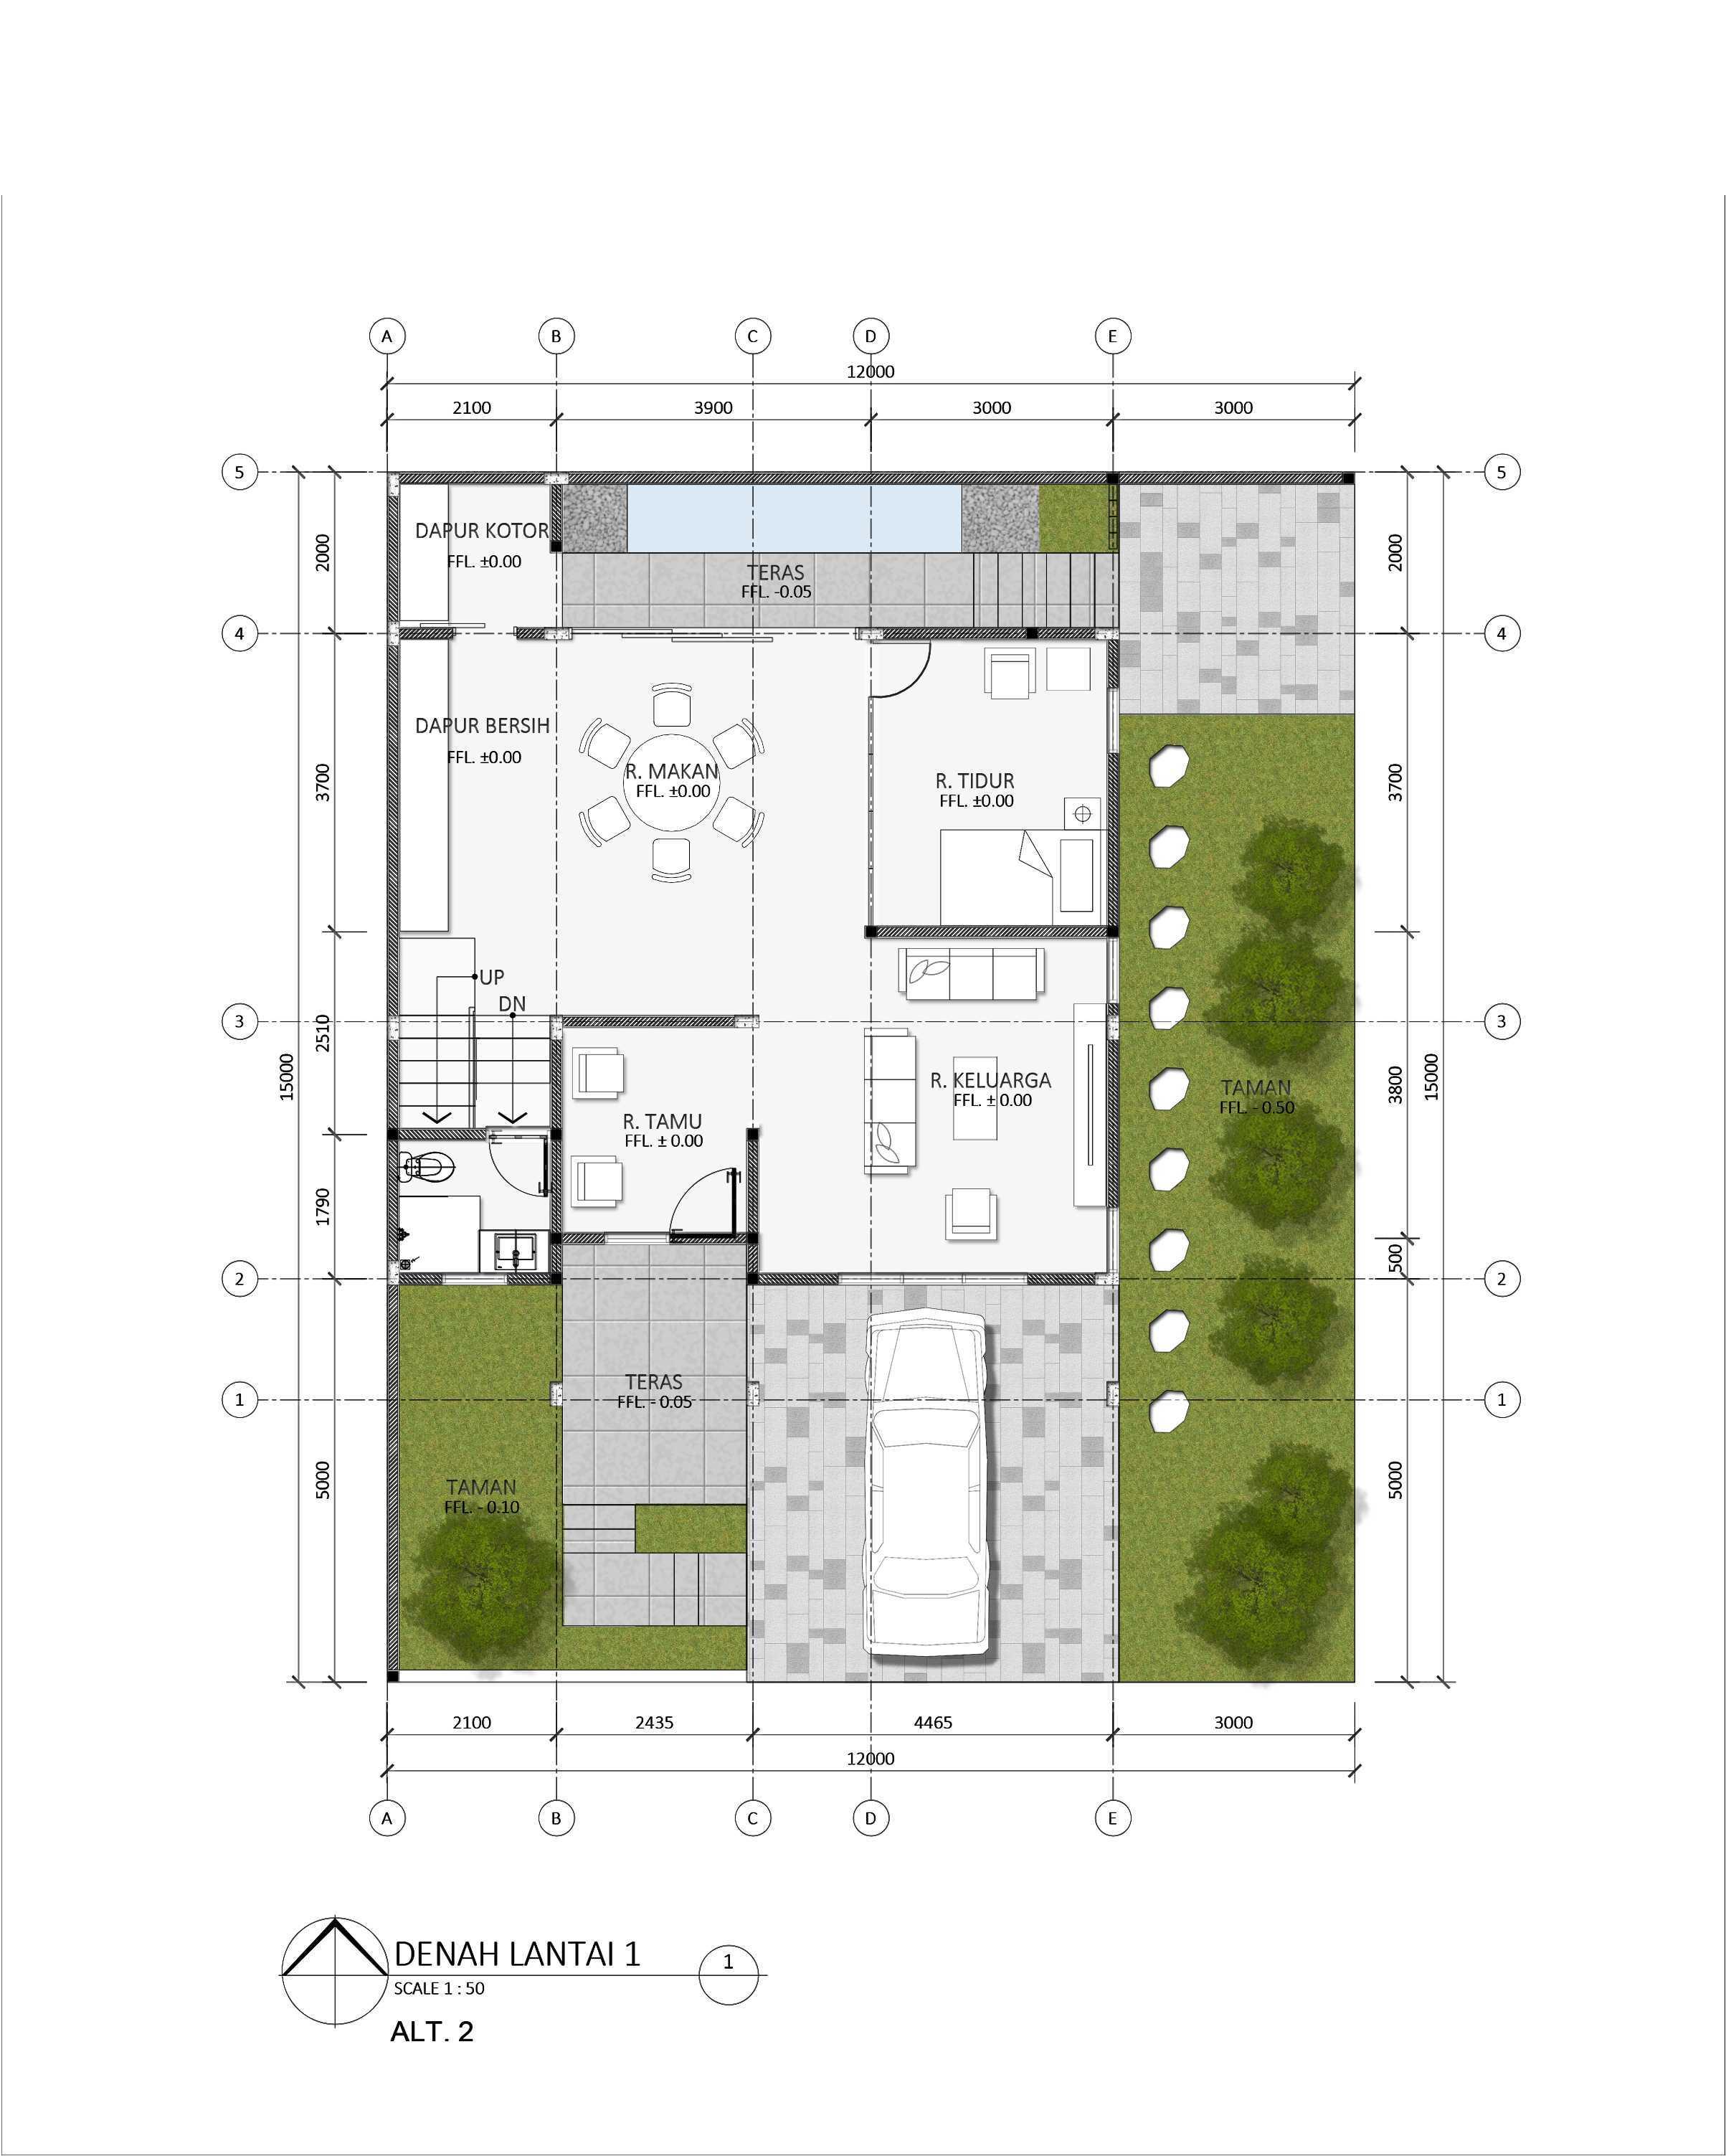 Raaj Gill Arsitek Pak Tony House Bogor, Kp. Parung Jambu, Kota Bogor, Jawa Barat, Indonesia Bogor, Jawa Barat, Indonesia Raaj-Gill-Arsitek-Bogor-House   110960